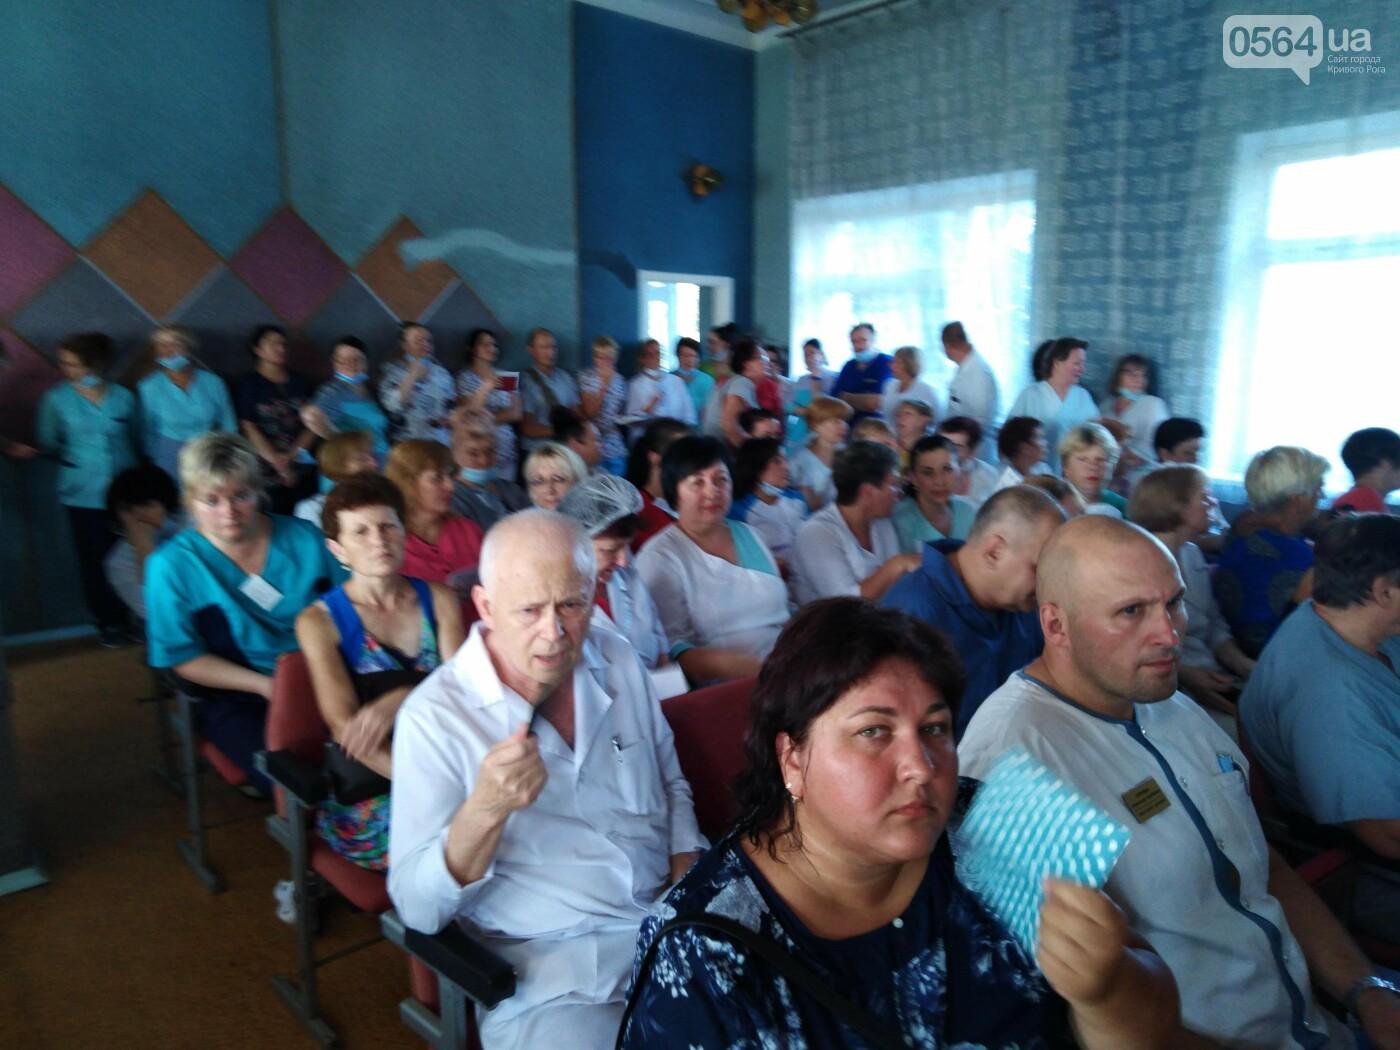 Коллектив 8-й горбольницы проводит собрание, - ФОТО, ВИДЕО, фото-5